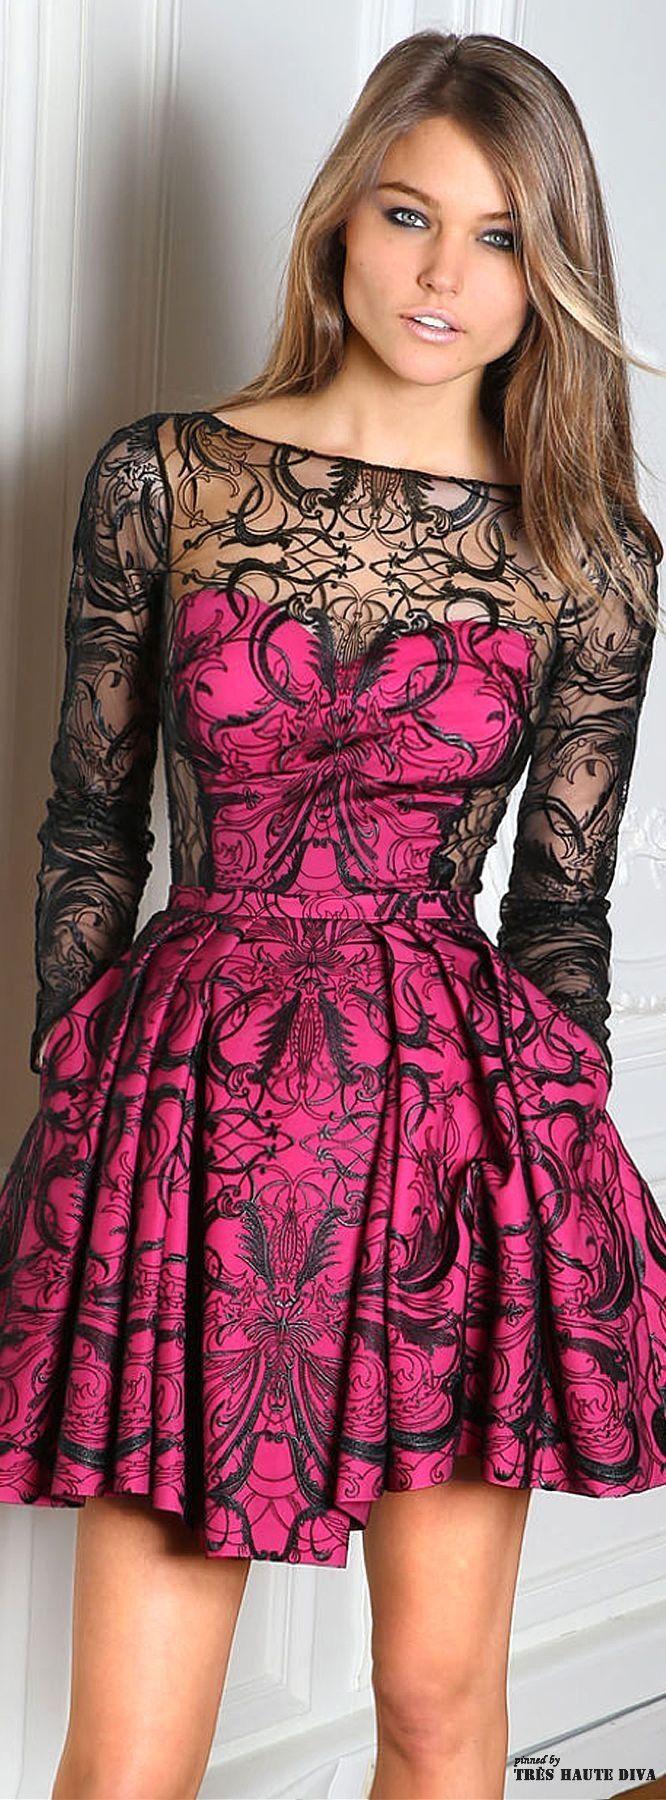 Lujo Boys In Prom Dresses Cresta - Colección del Vestido de la Novia ...